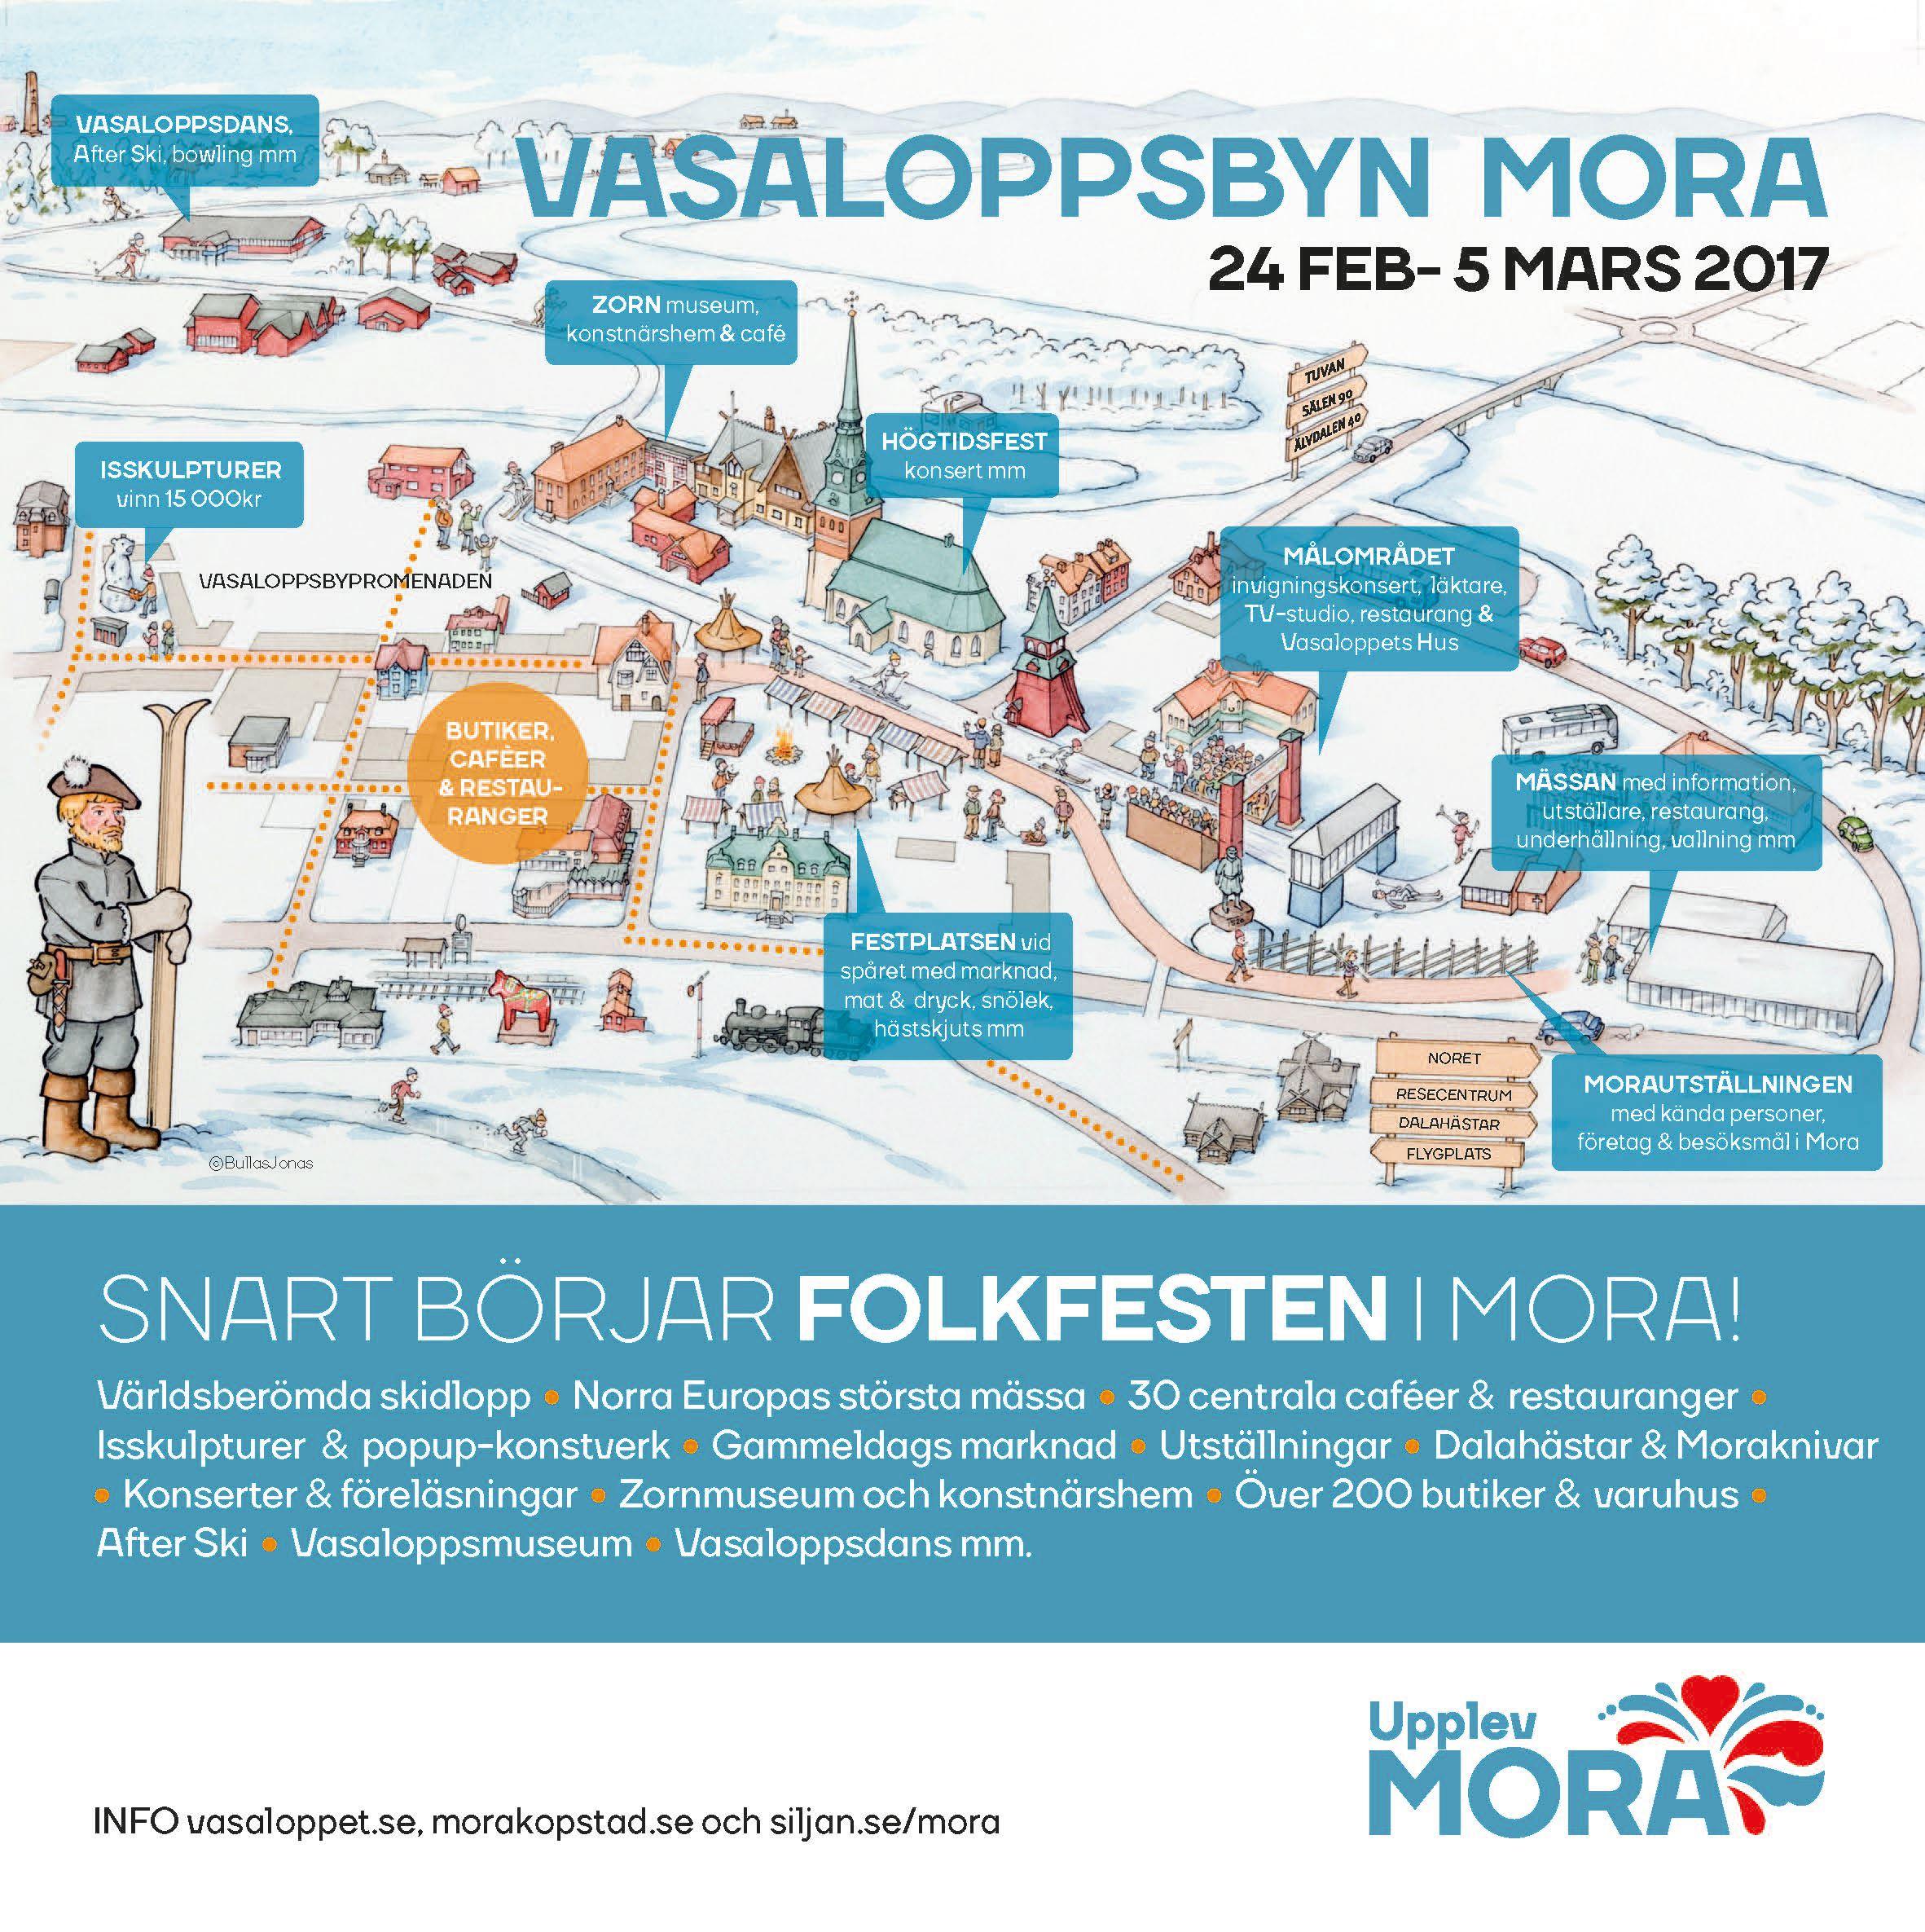 Vasaloppsbyn, Mora